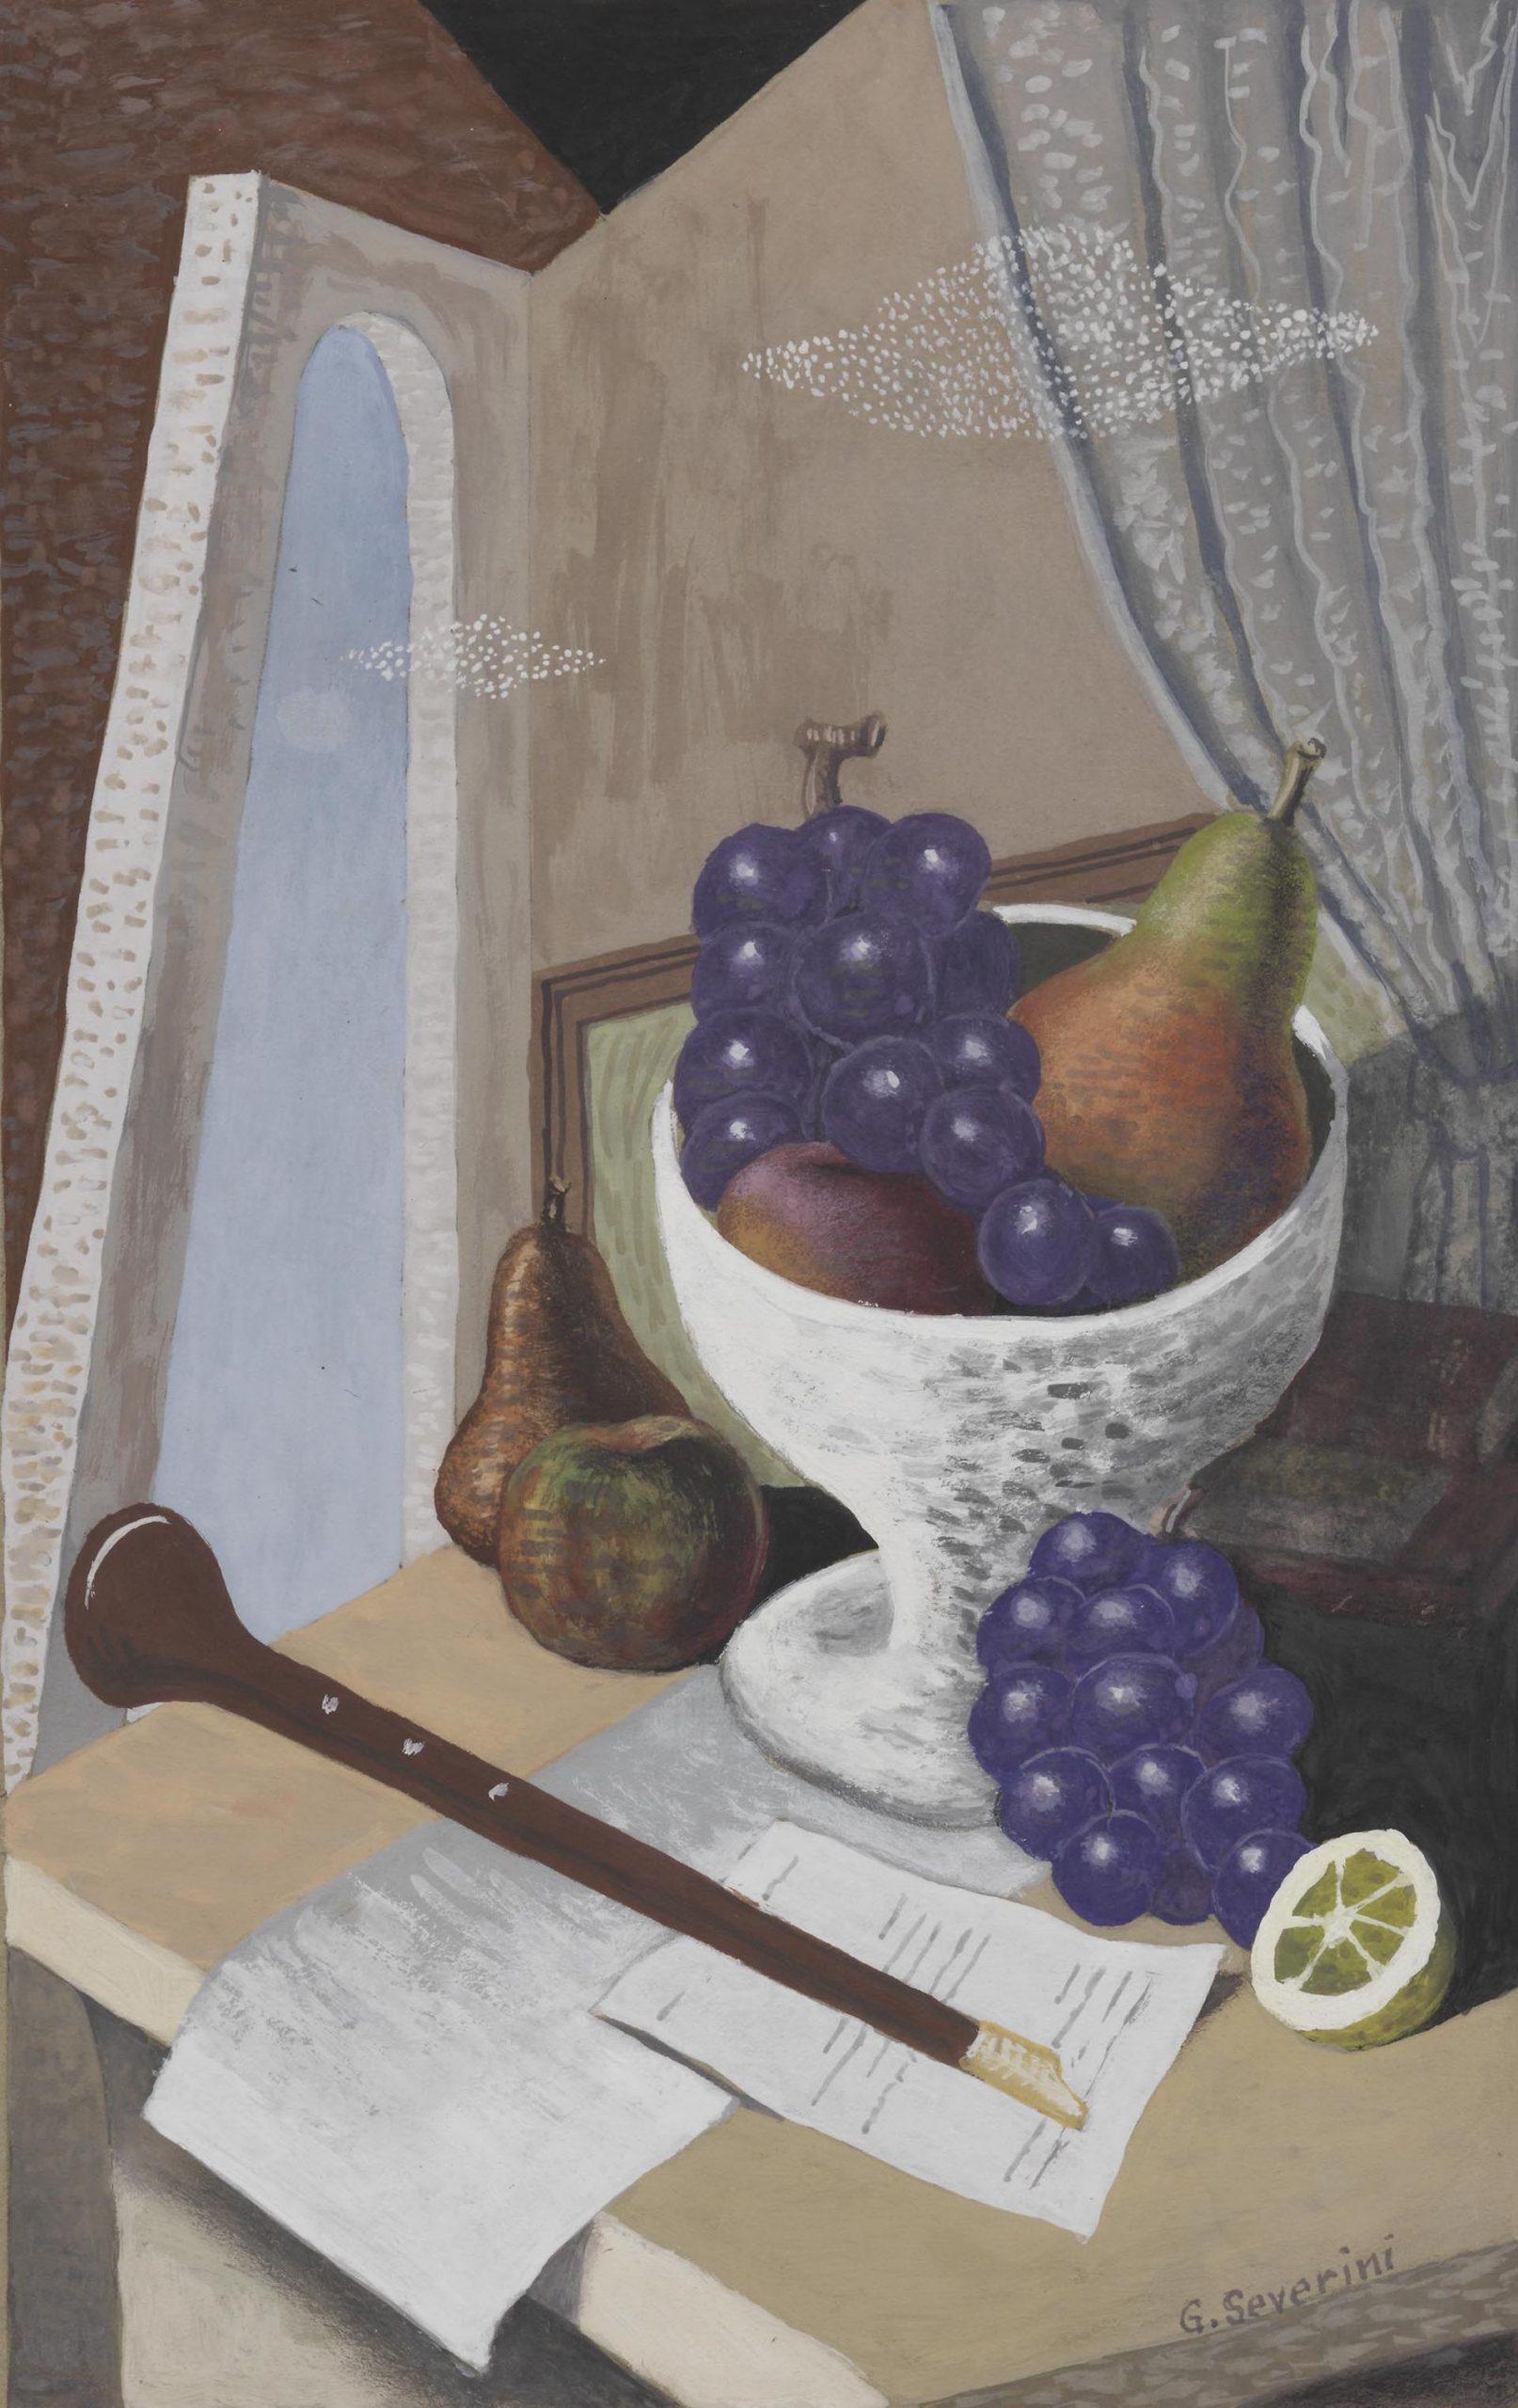 Severini, Natura morta con strumento musicale a fiato e coppa di frutta, 1928-1929, 33x22 cm